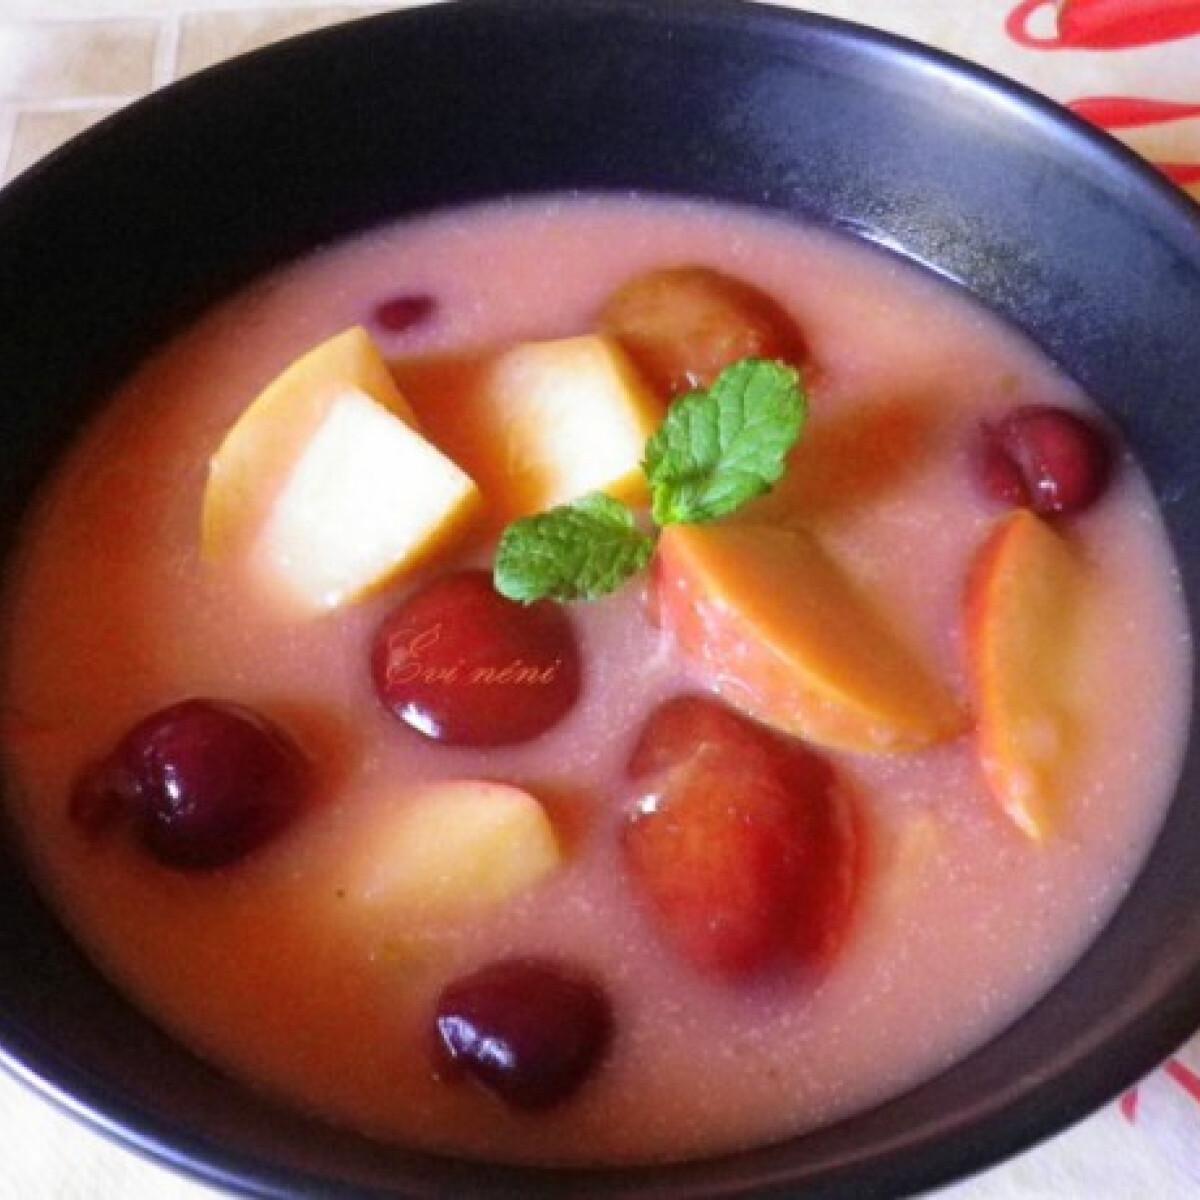 Vegyes gyümölcsleves Évi néni konyhájából